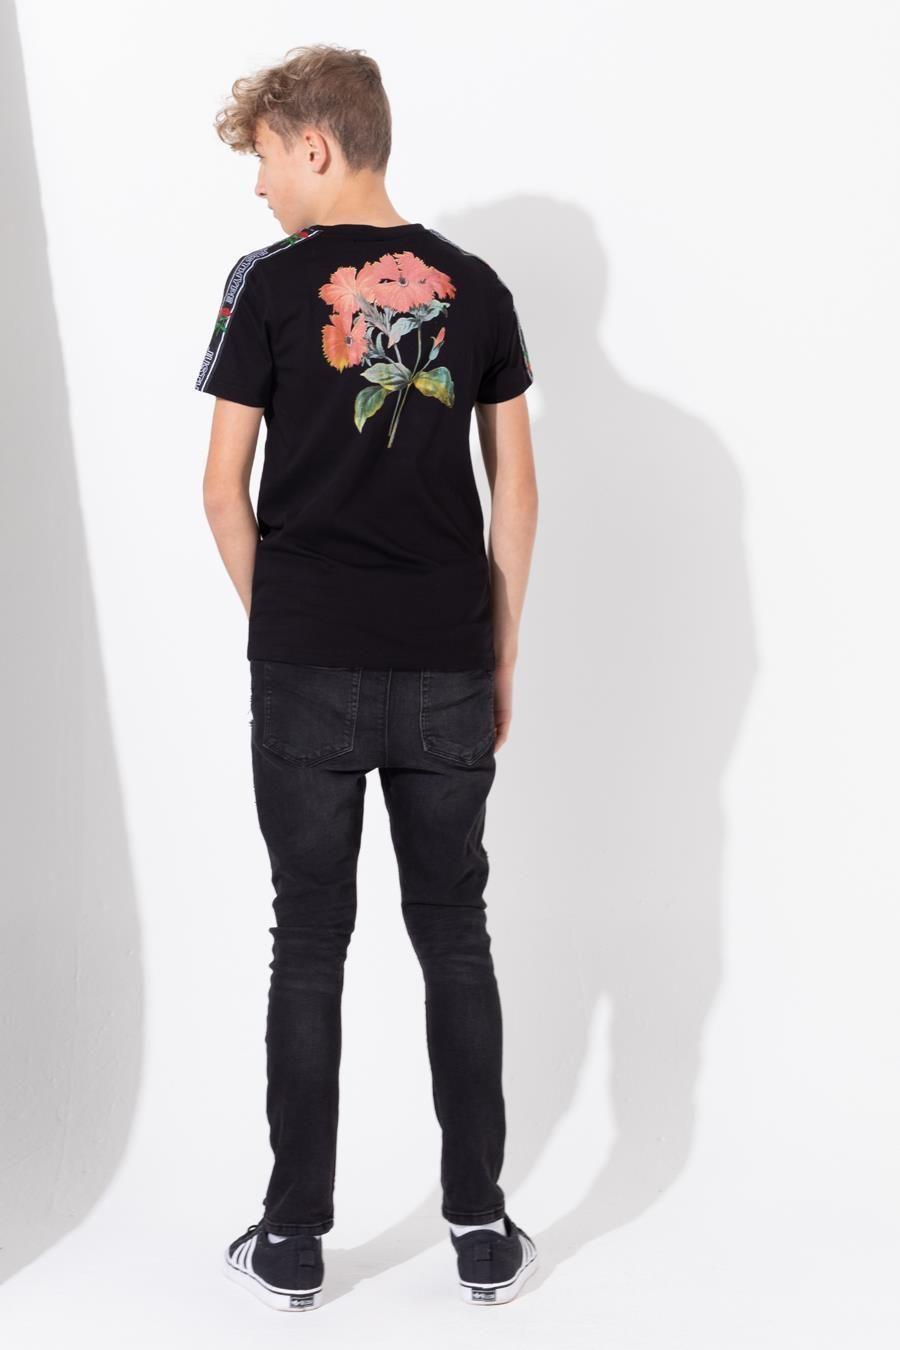 Hype Venom Floral Kids T-Shirt